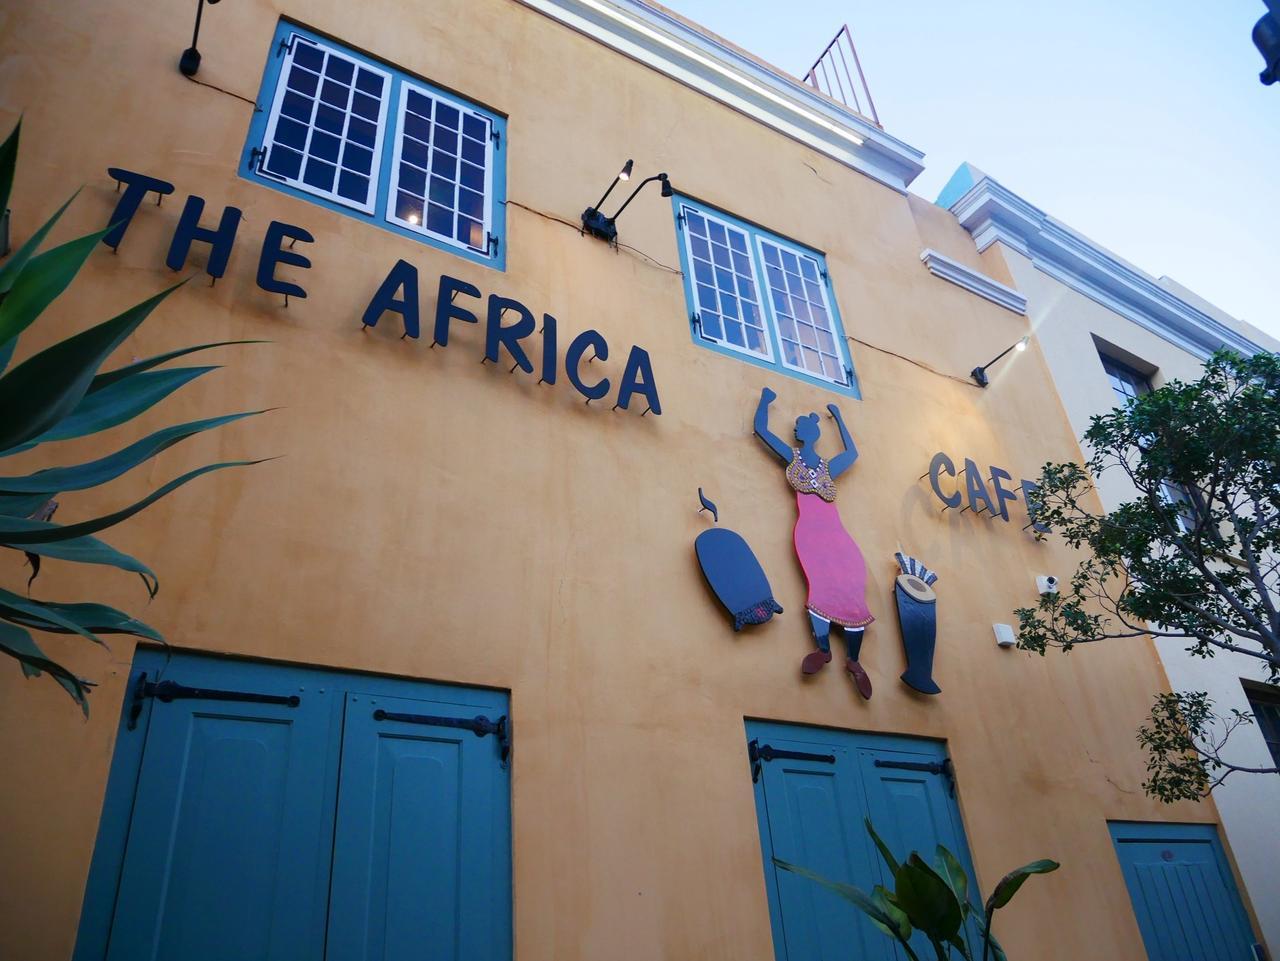 画像: 『THE AFRICA CAFE』(担当者撮影)